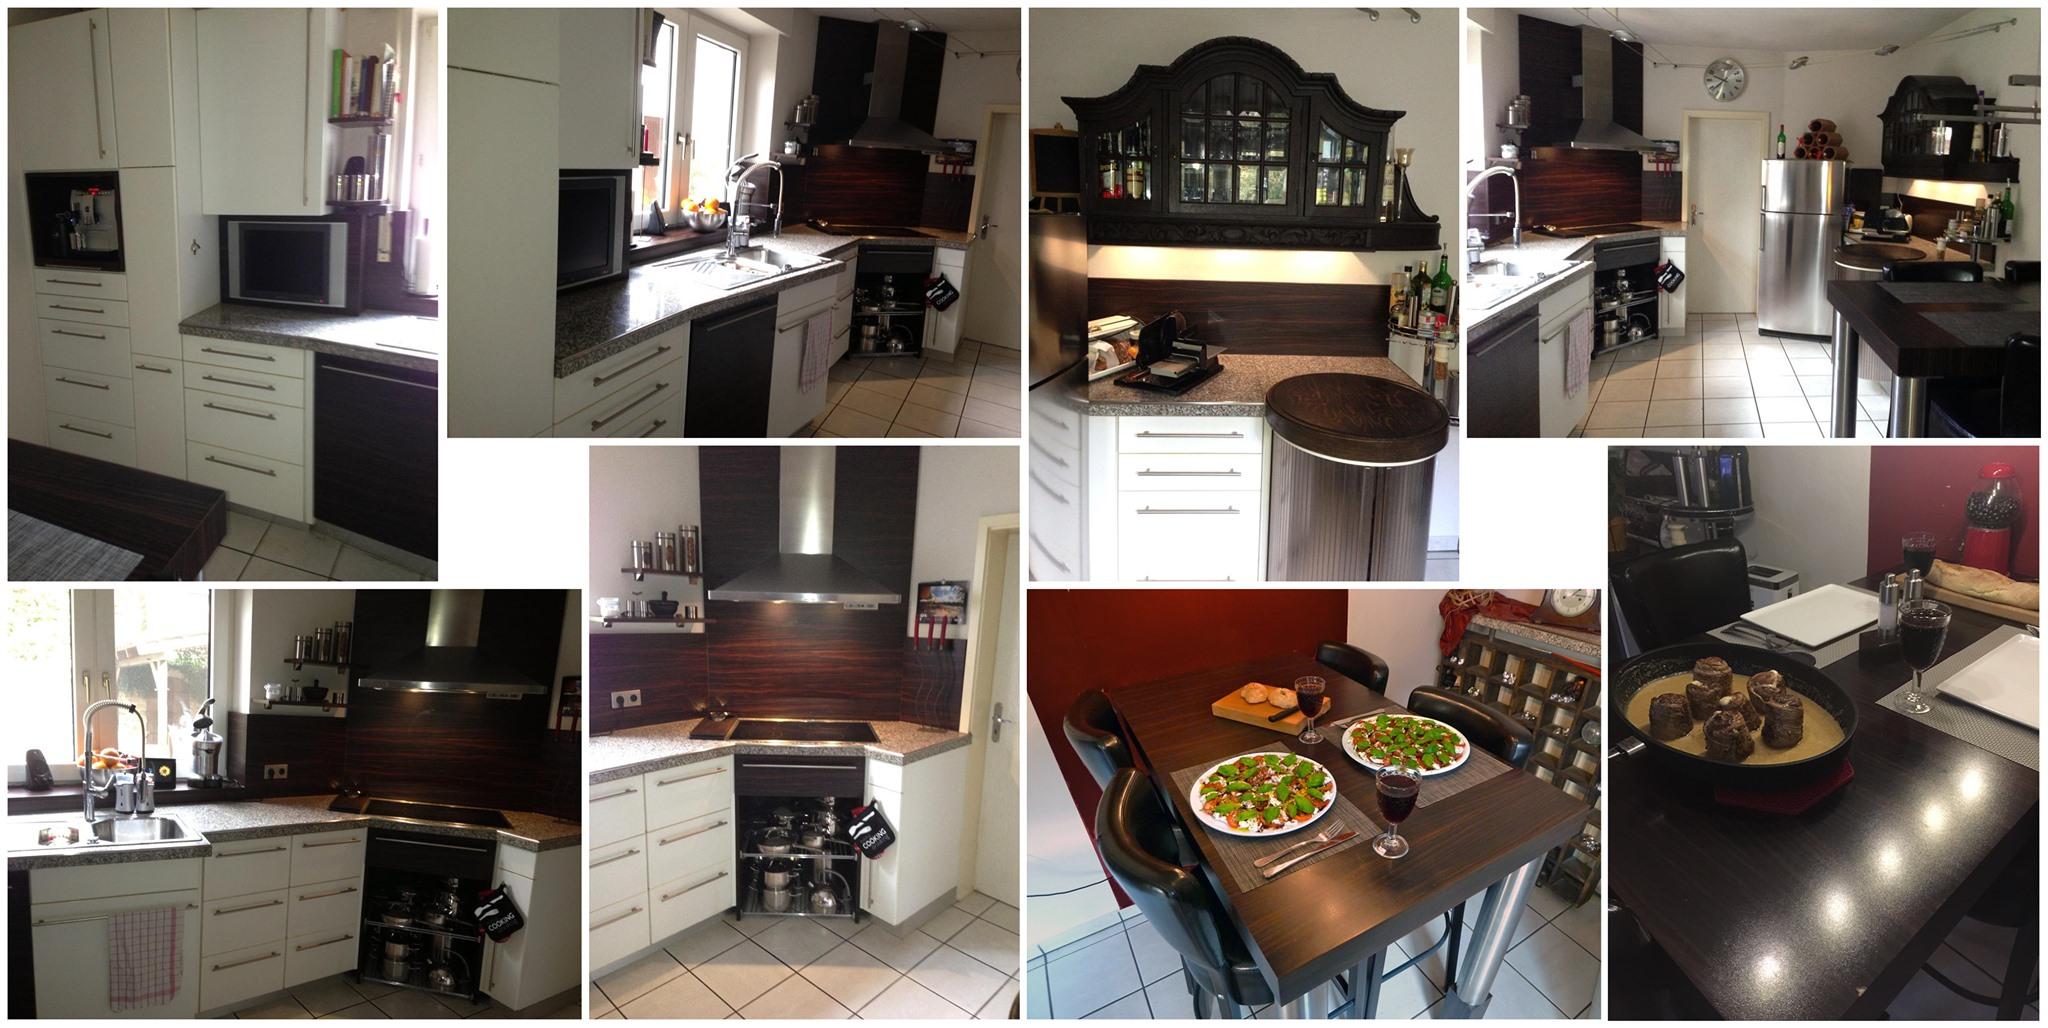 ursprüngliche, nunmehr renovierungsbedürftige Küche